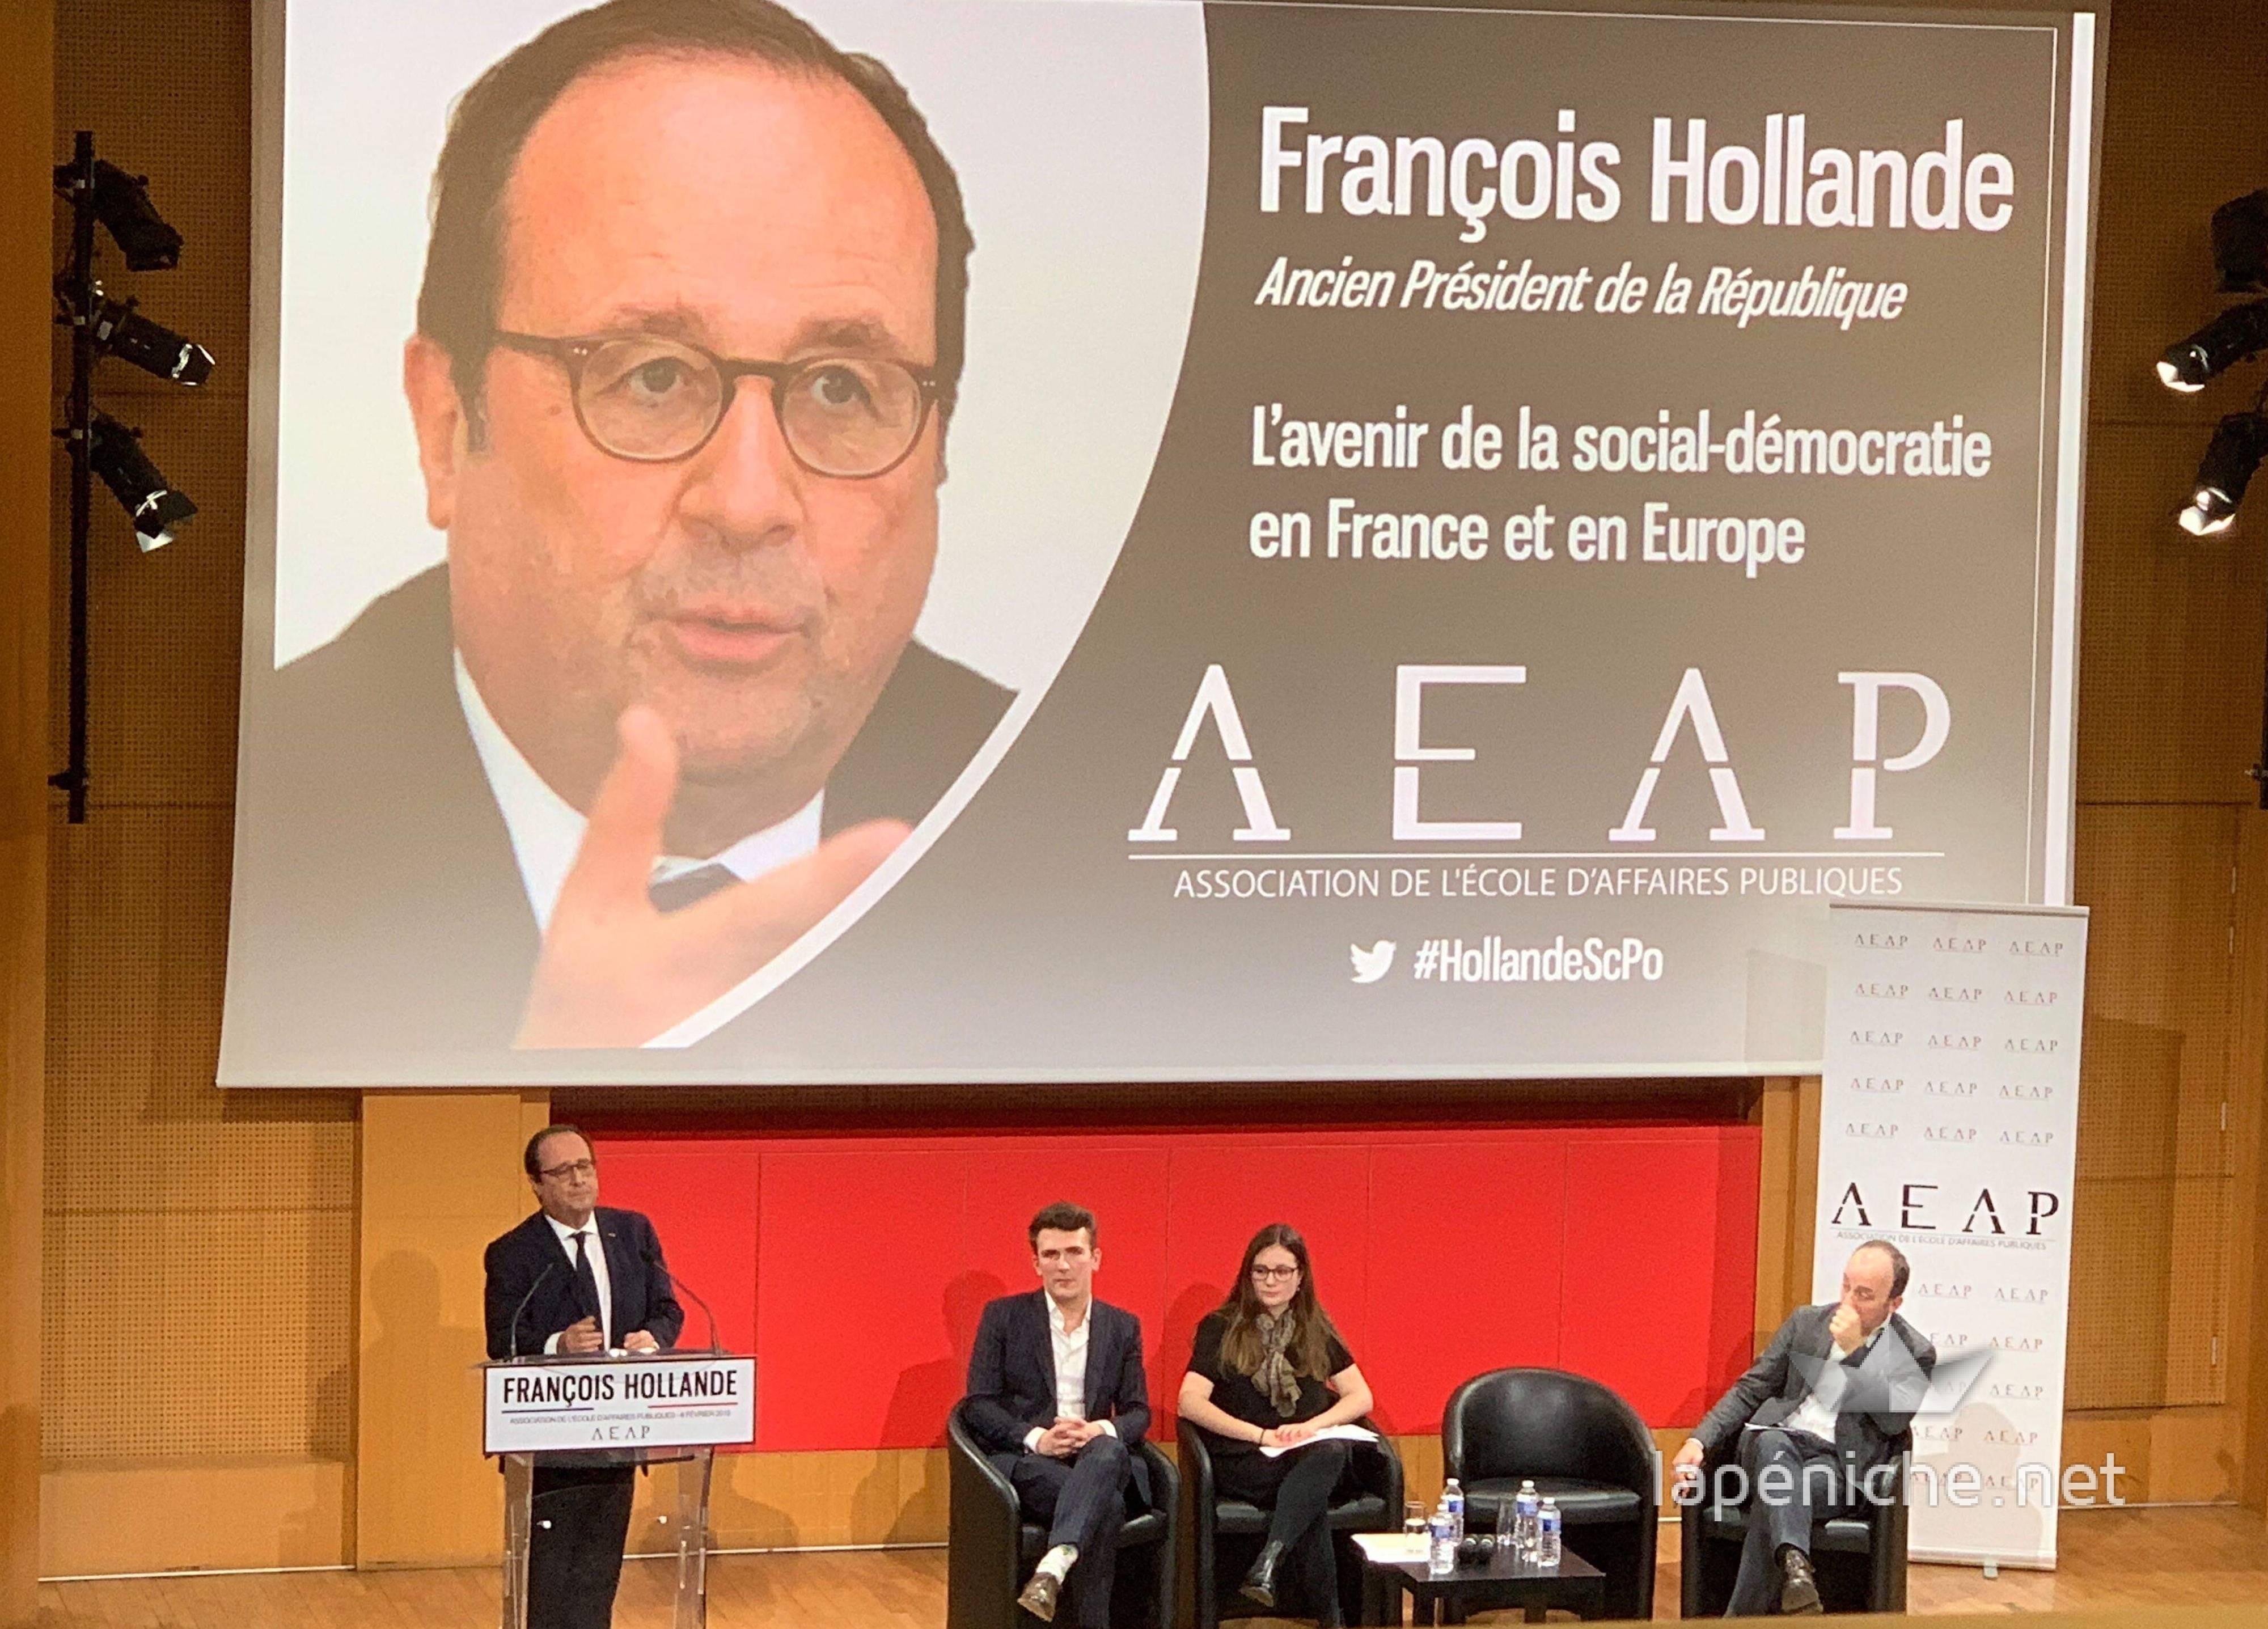 Conférence de François Hollande : un Président en terrain connu